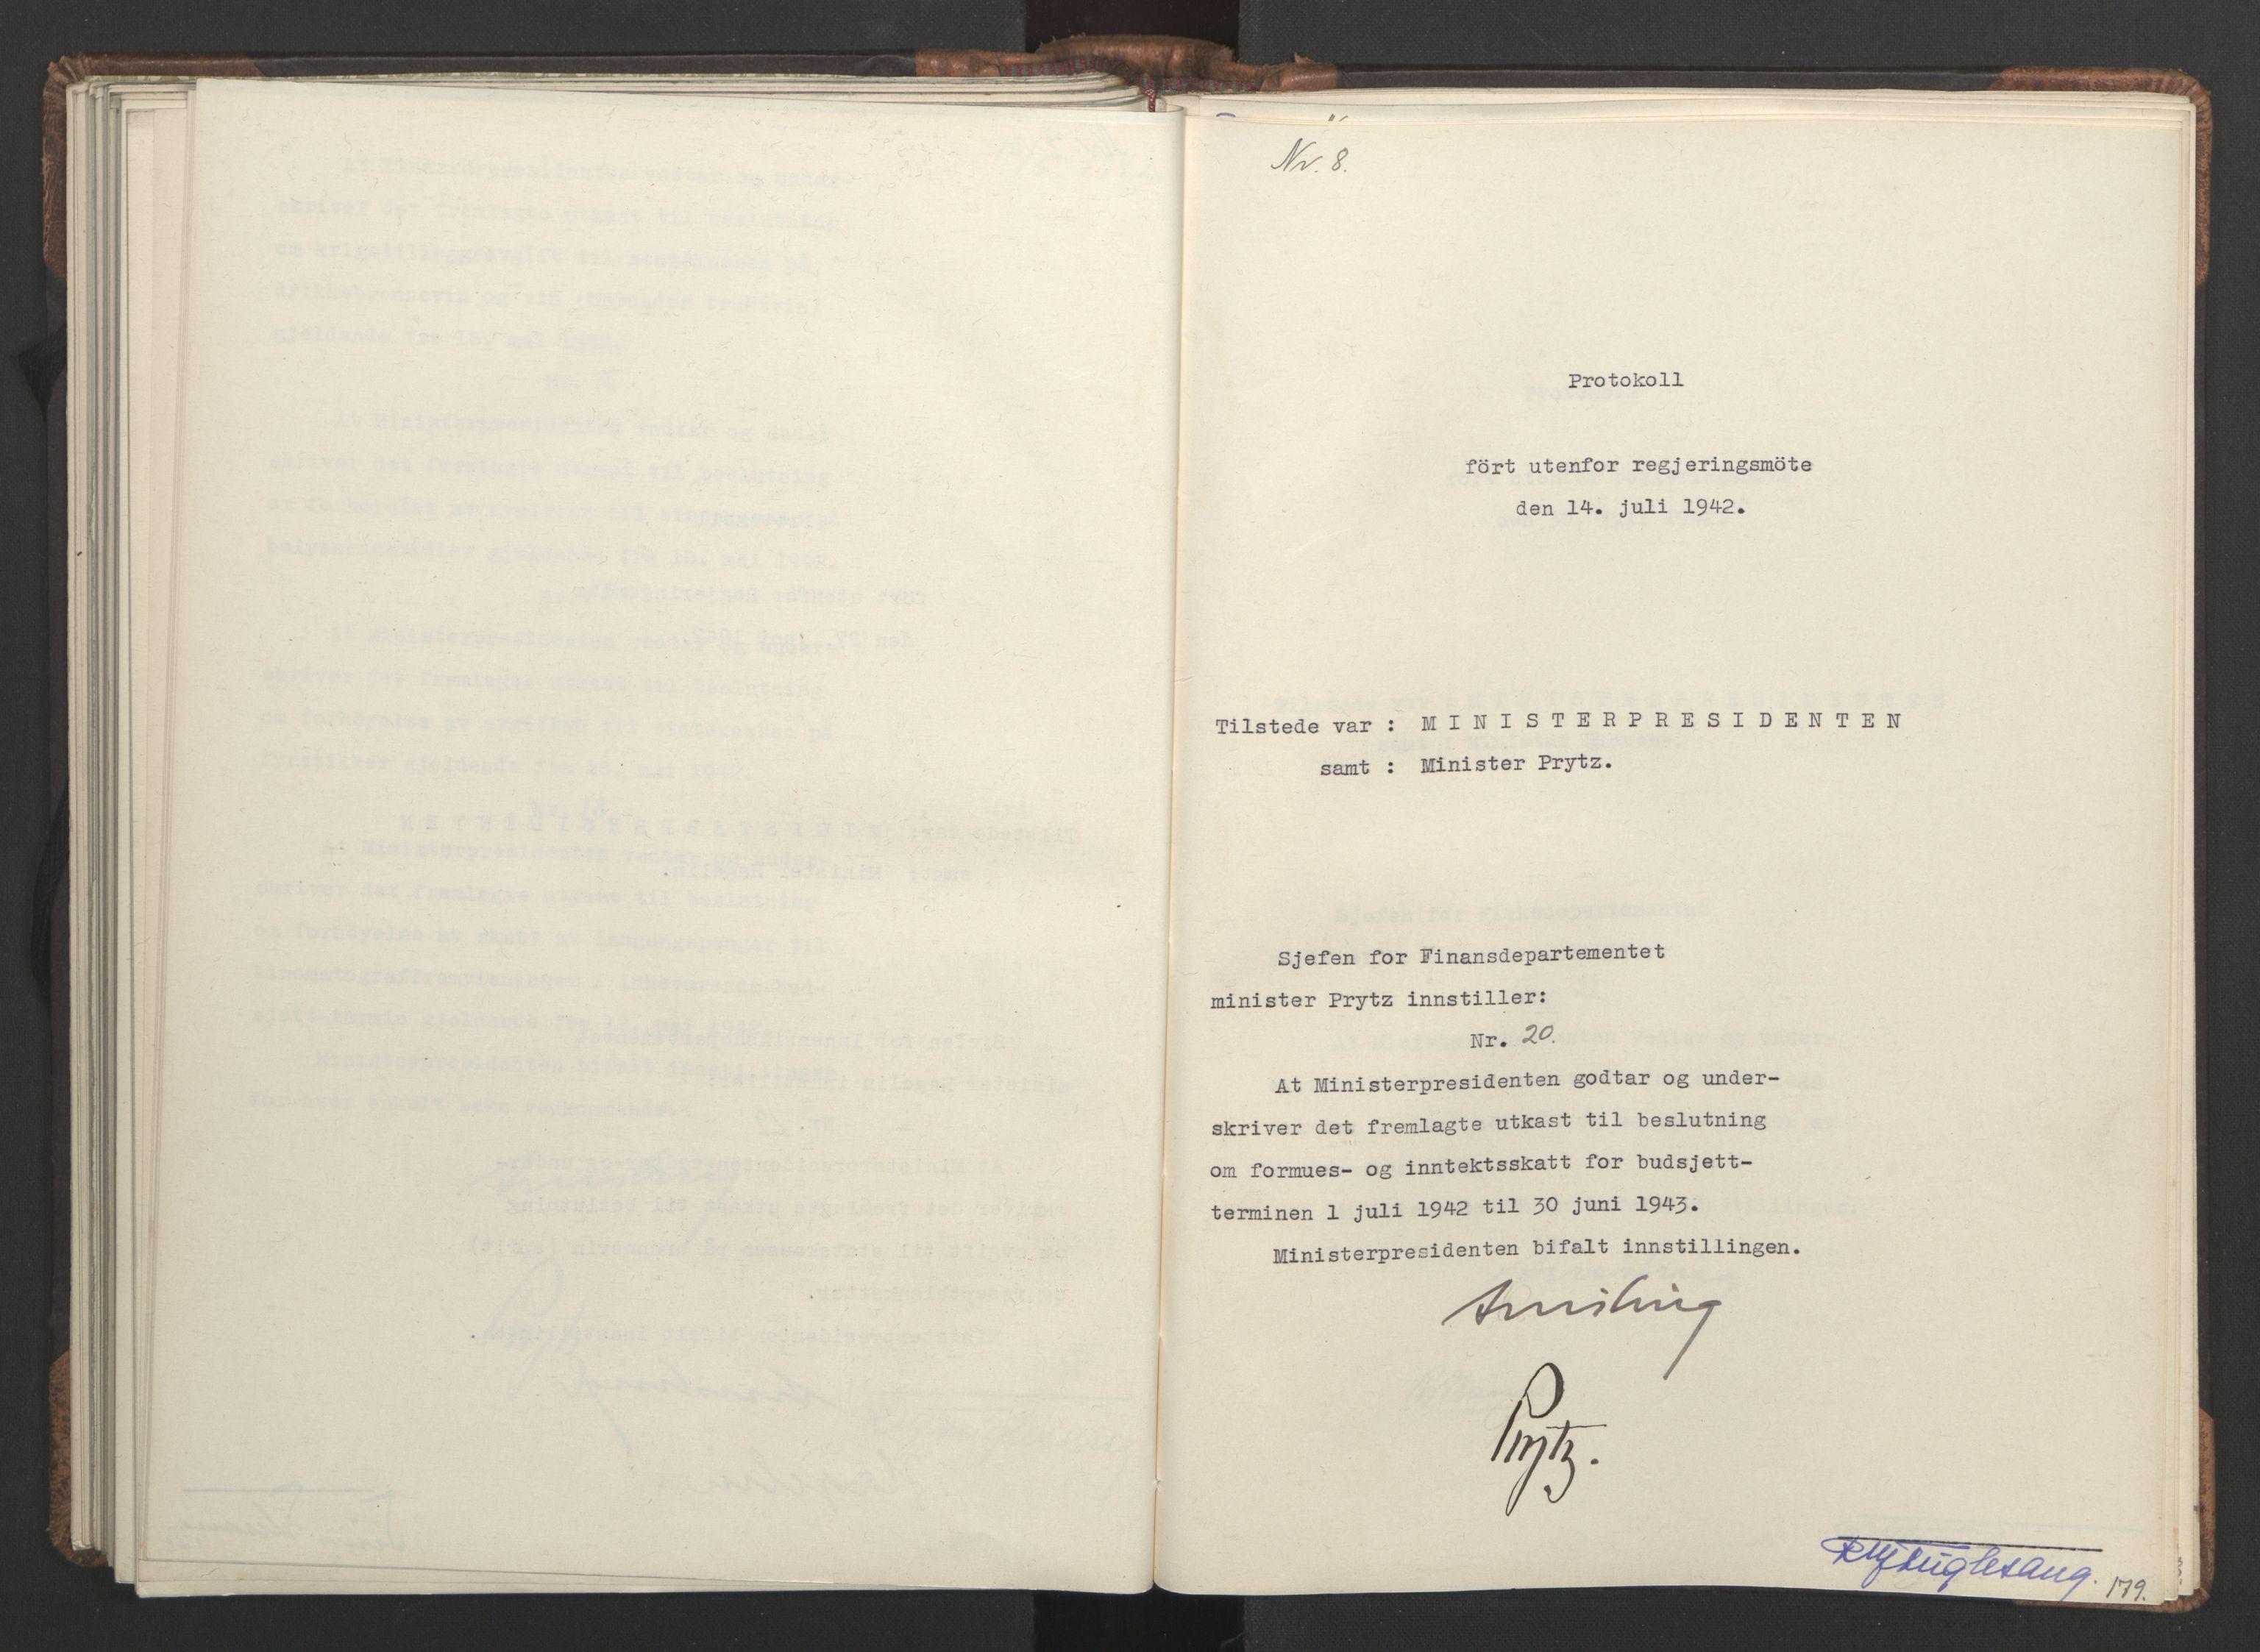 RA, NS-administrasjonen 1940-1945 (Statsrådsekretariatet, de kommisariske statsråder mm), D/Da/L0001: Beslutninger og tillegg (1-952 og 1-32), 1942, s. 178b-179a